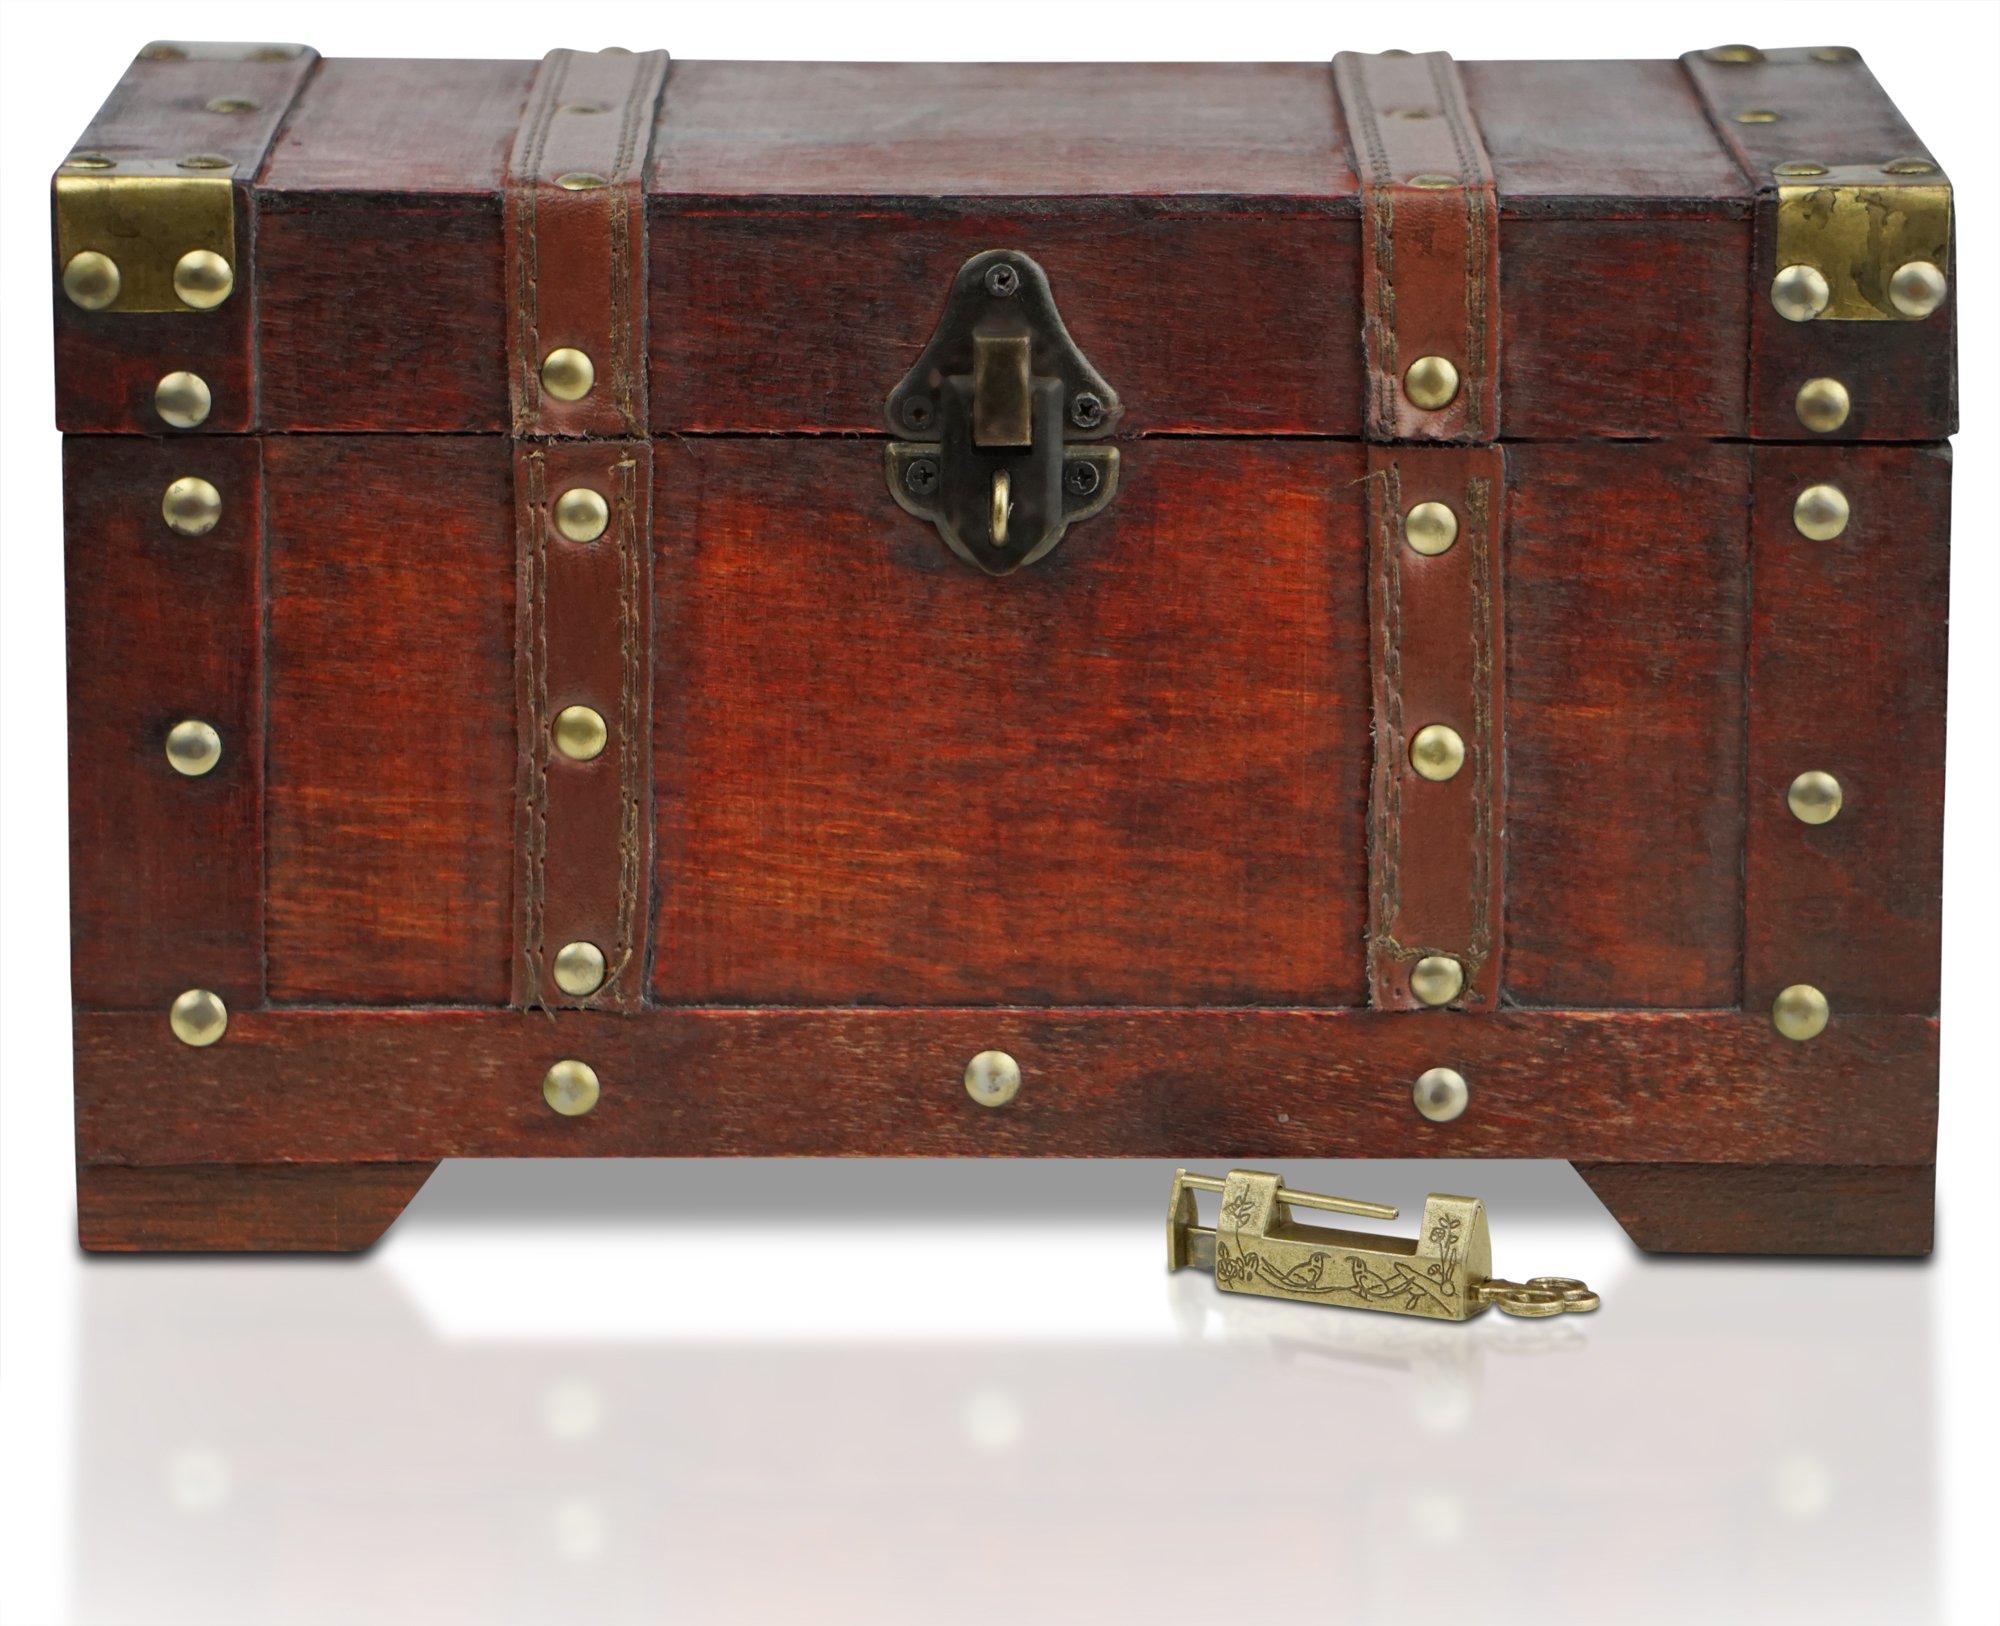 Brynnberg - Caja de Madera Cofre del Tesoro con candado Pirata de Estilo Vintage, Hecha